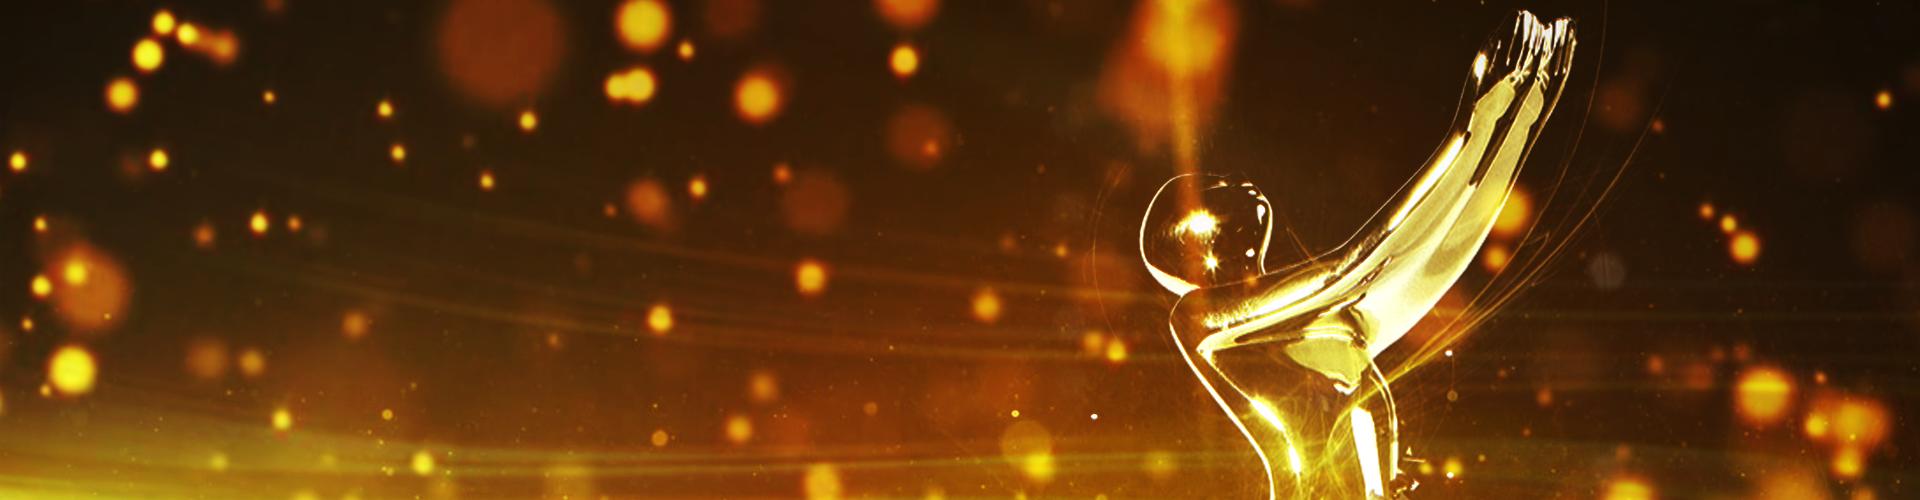 Promaxbda | Europe Award 2016 – Winner